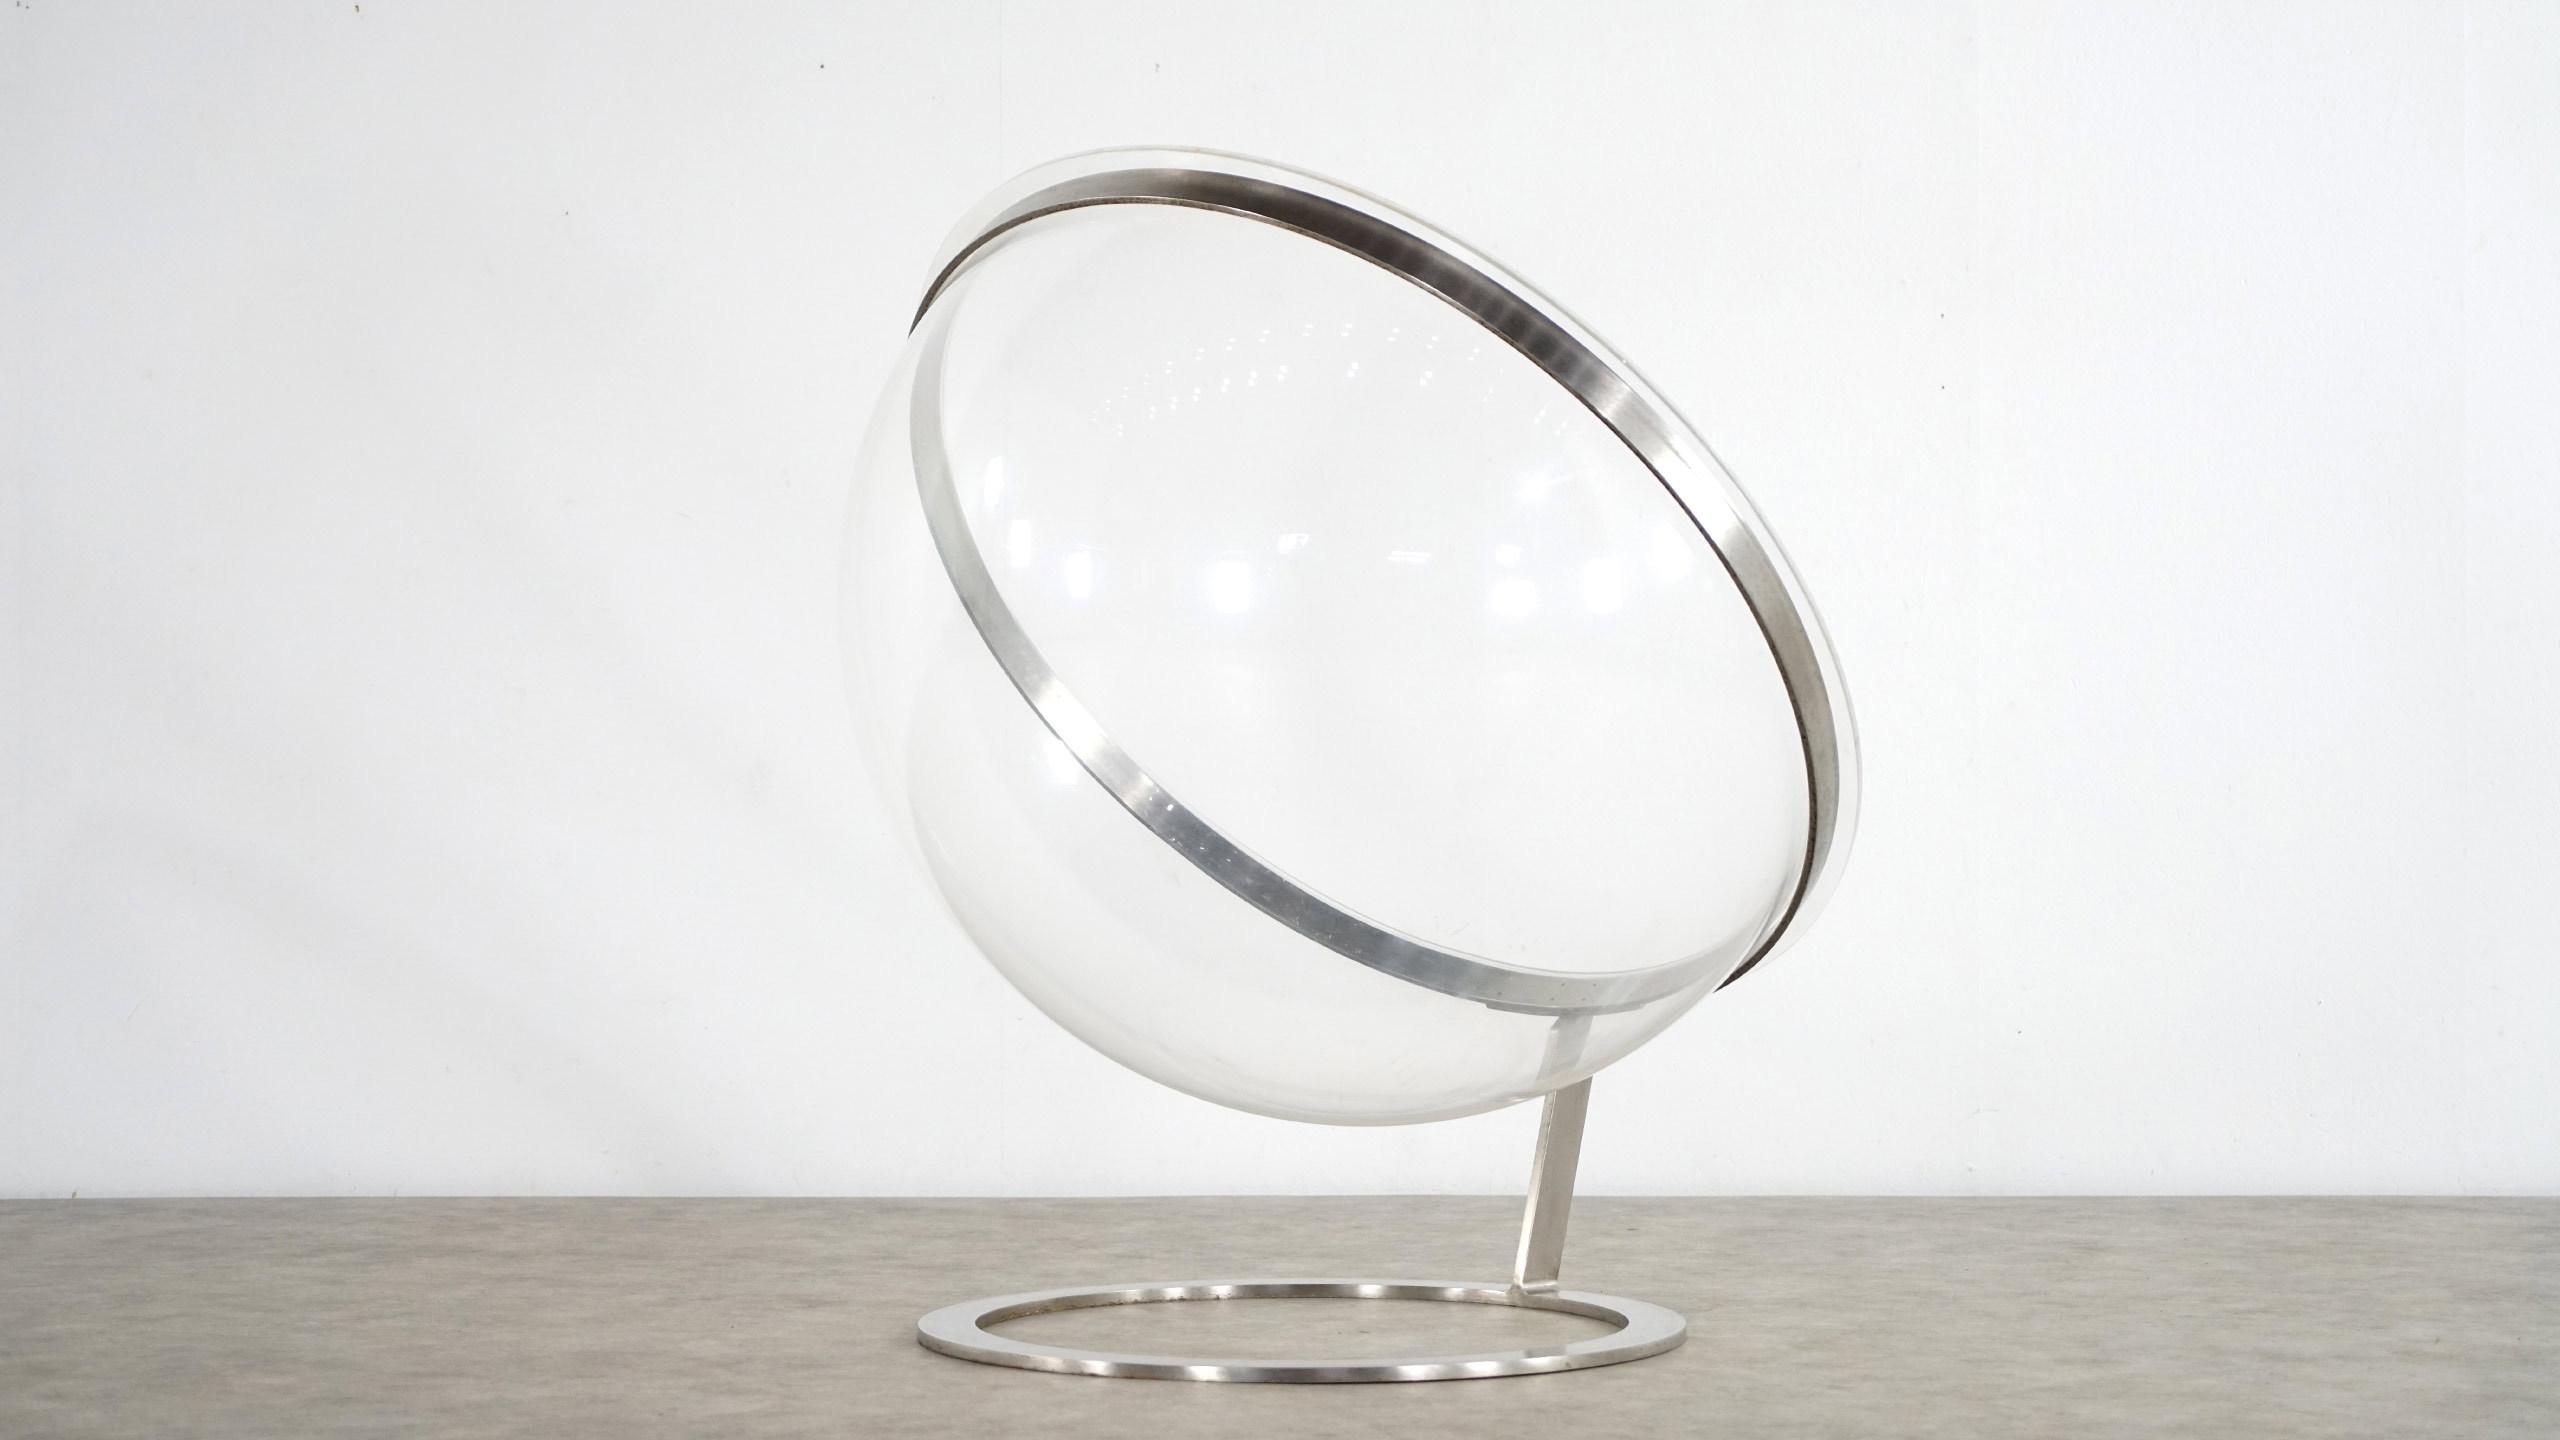 Bubble chair dimensions - Dimensions W Inch H Inch D Inch W 117 Cm H 124 Cm D 100 Cm Designer Christian Daninos Formes Nouvelles